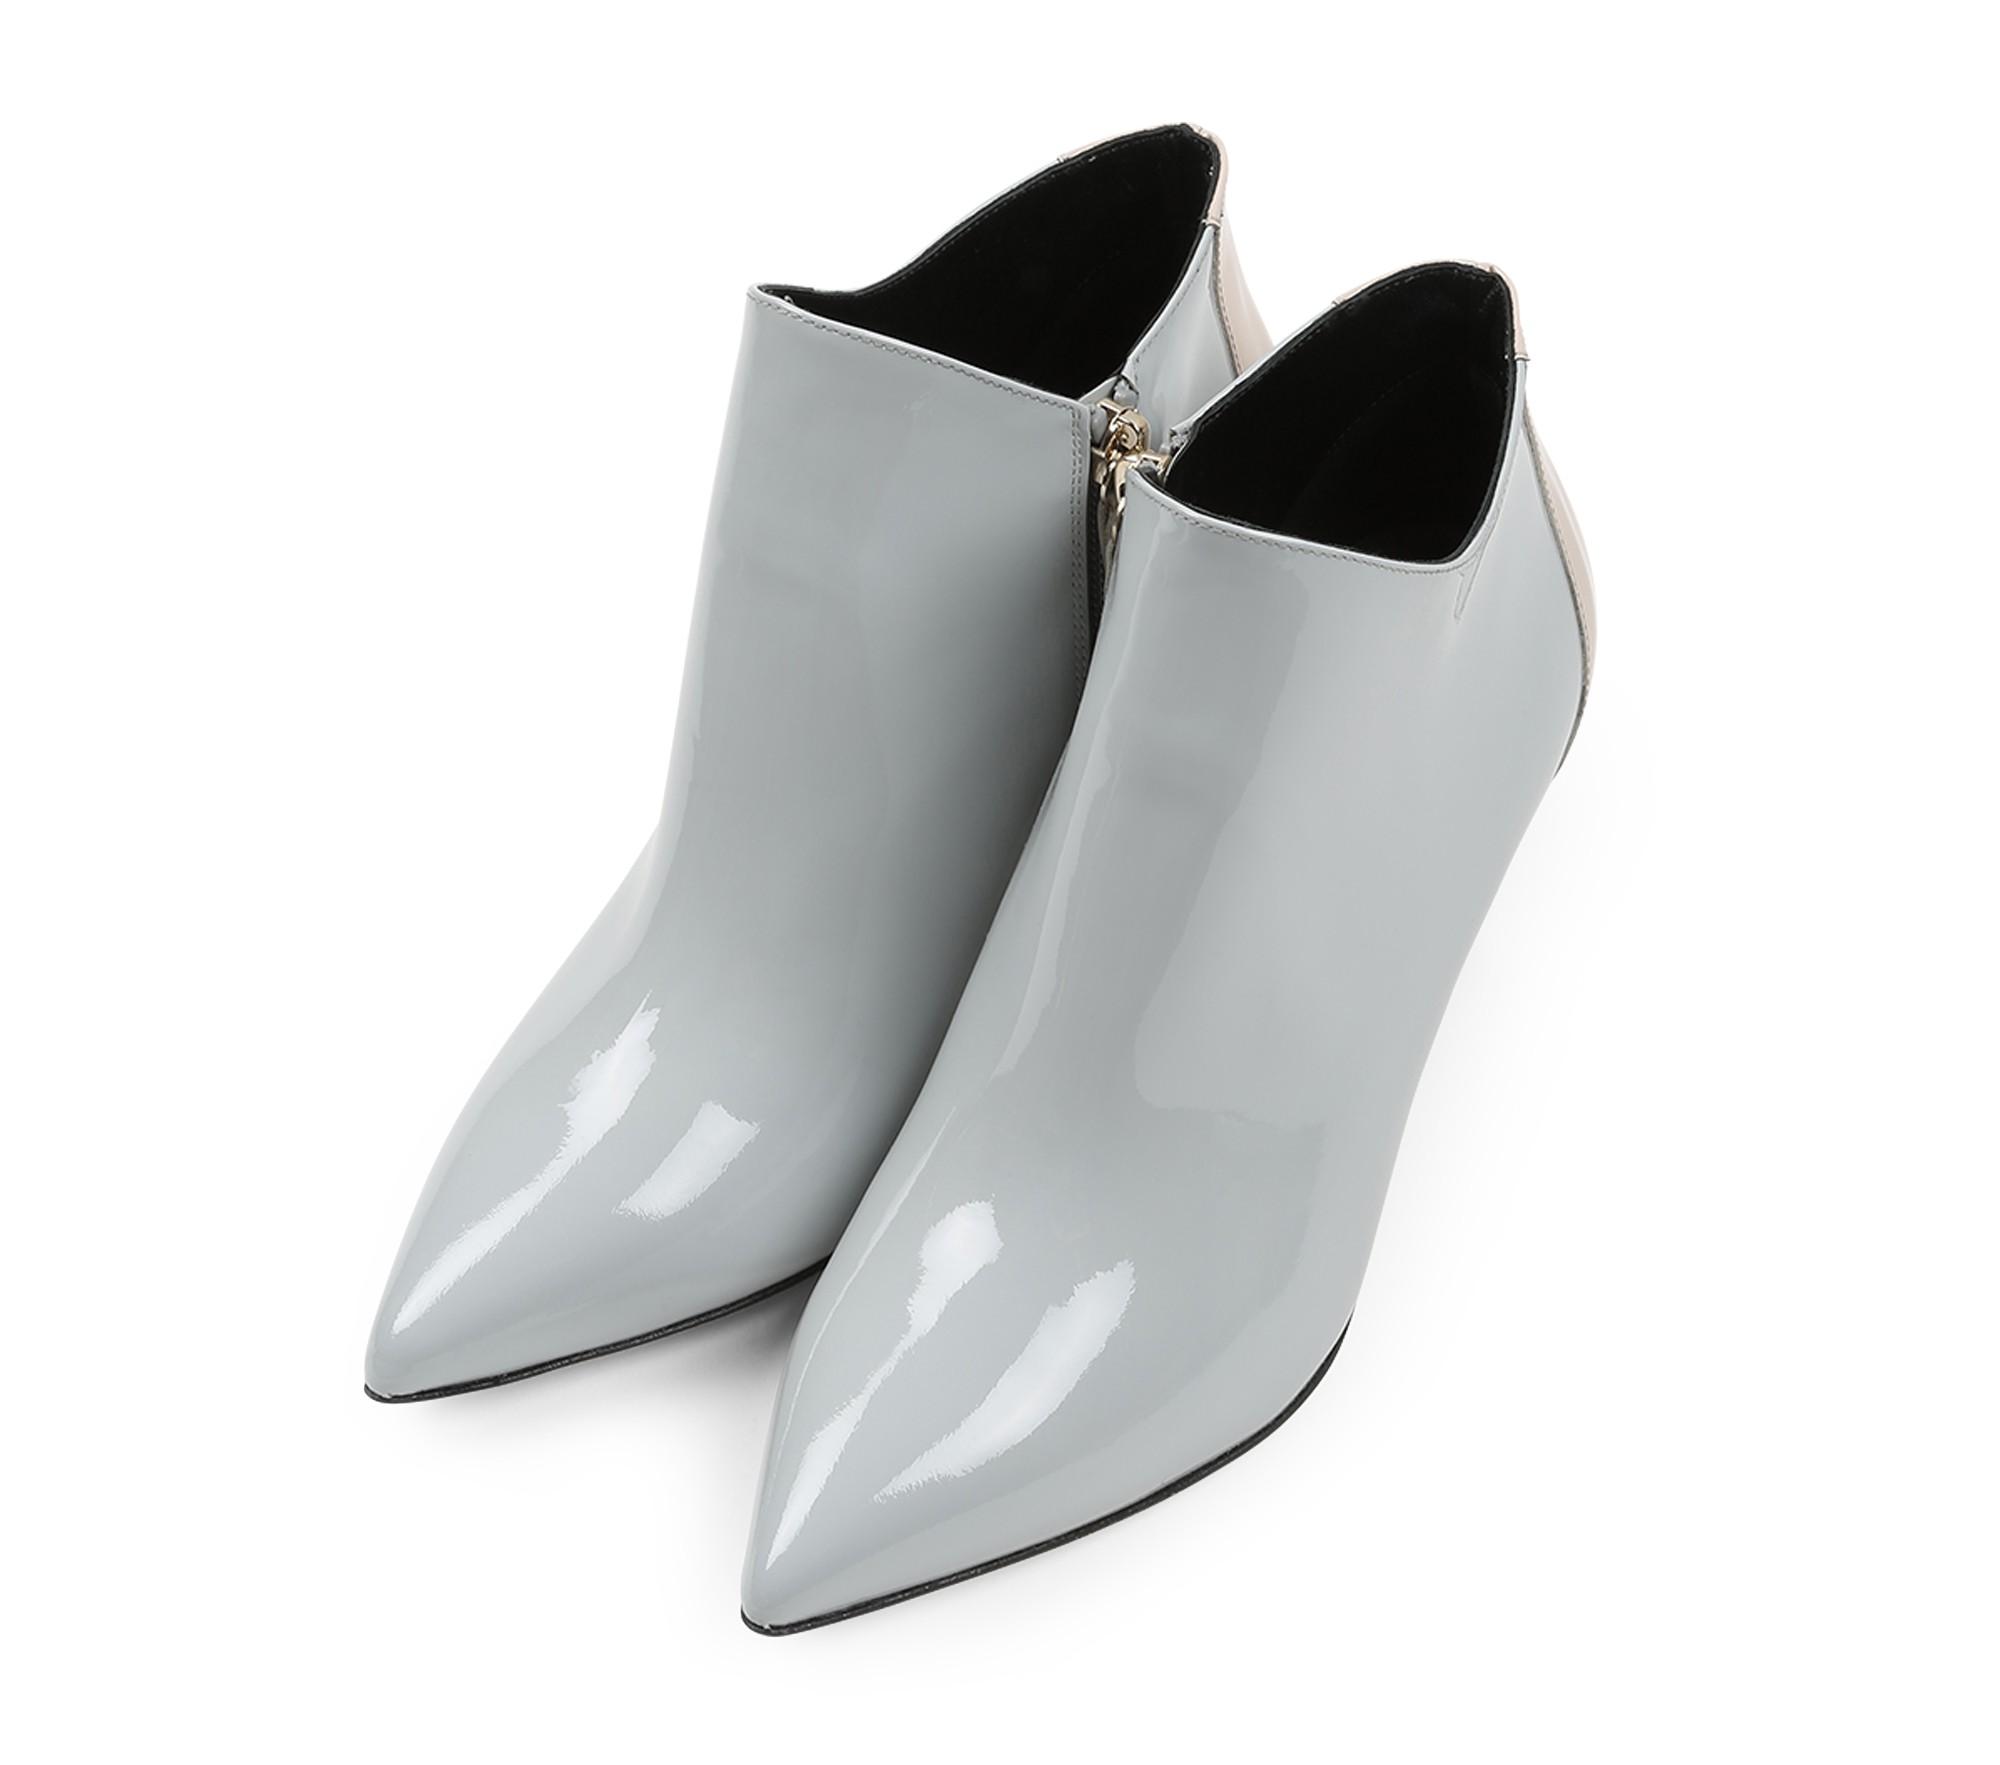 Gavotte boots